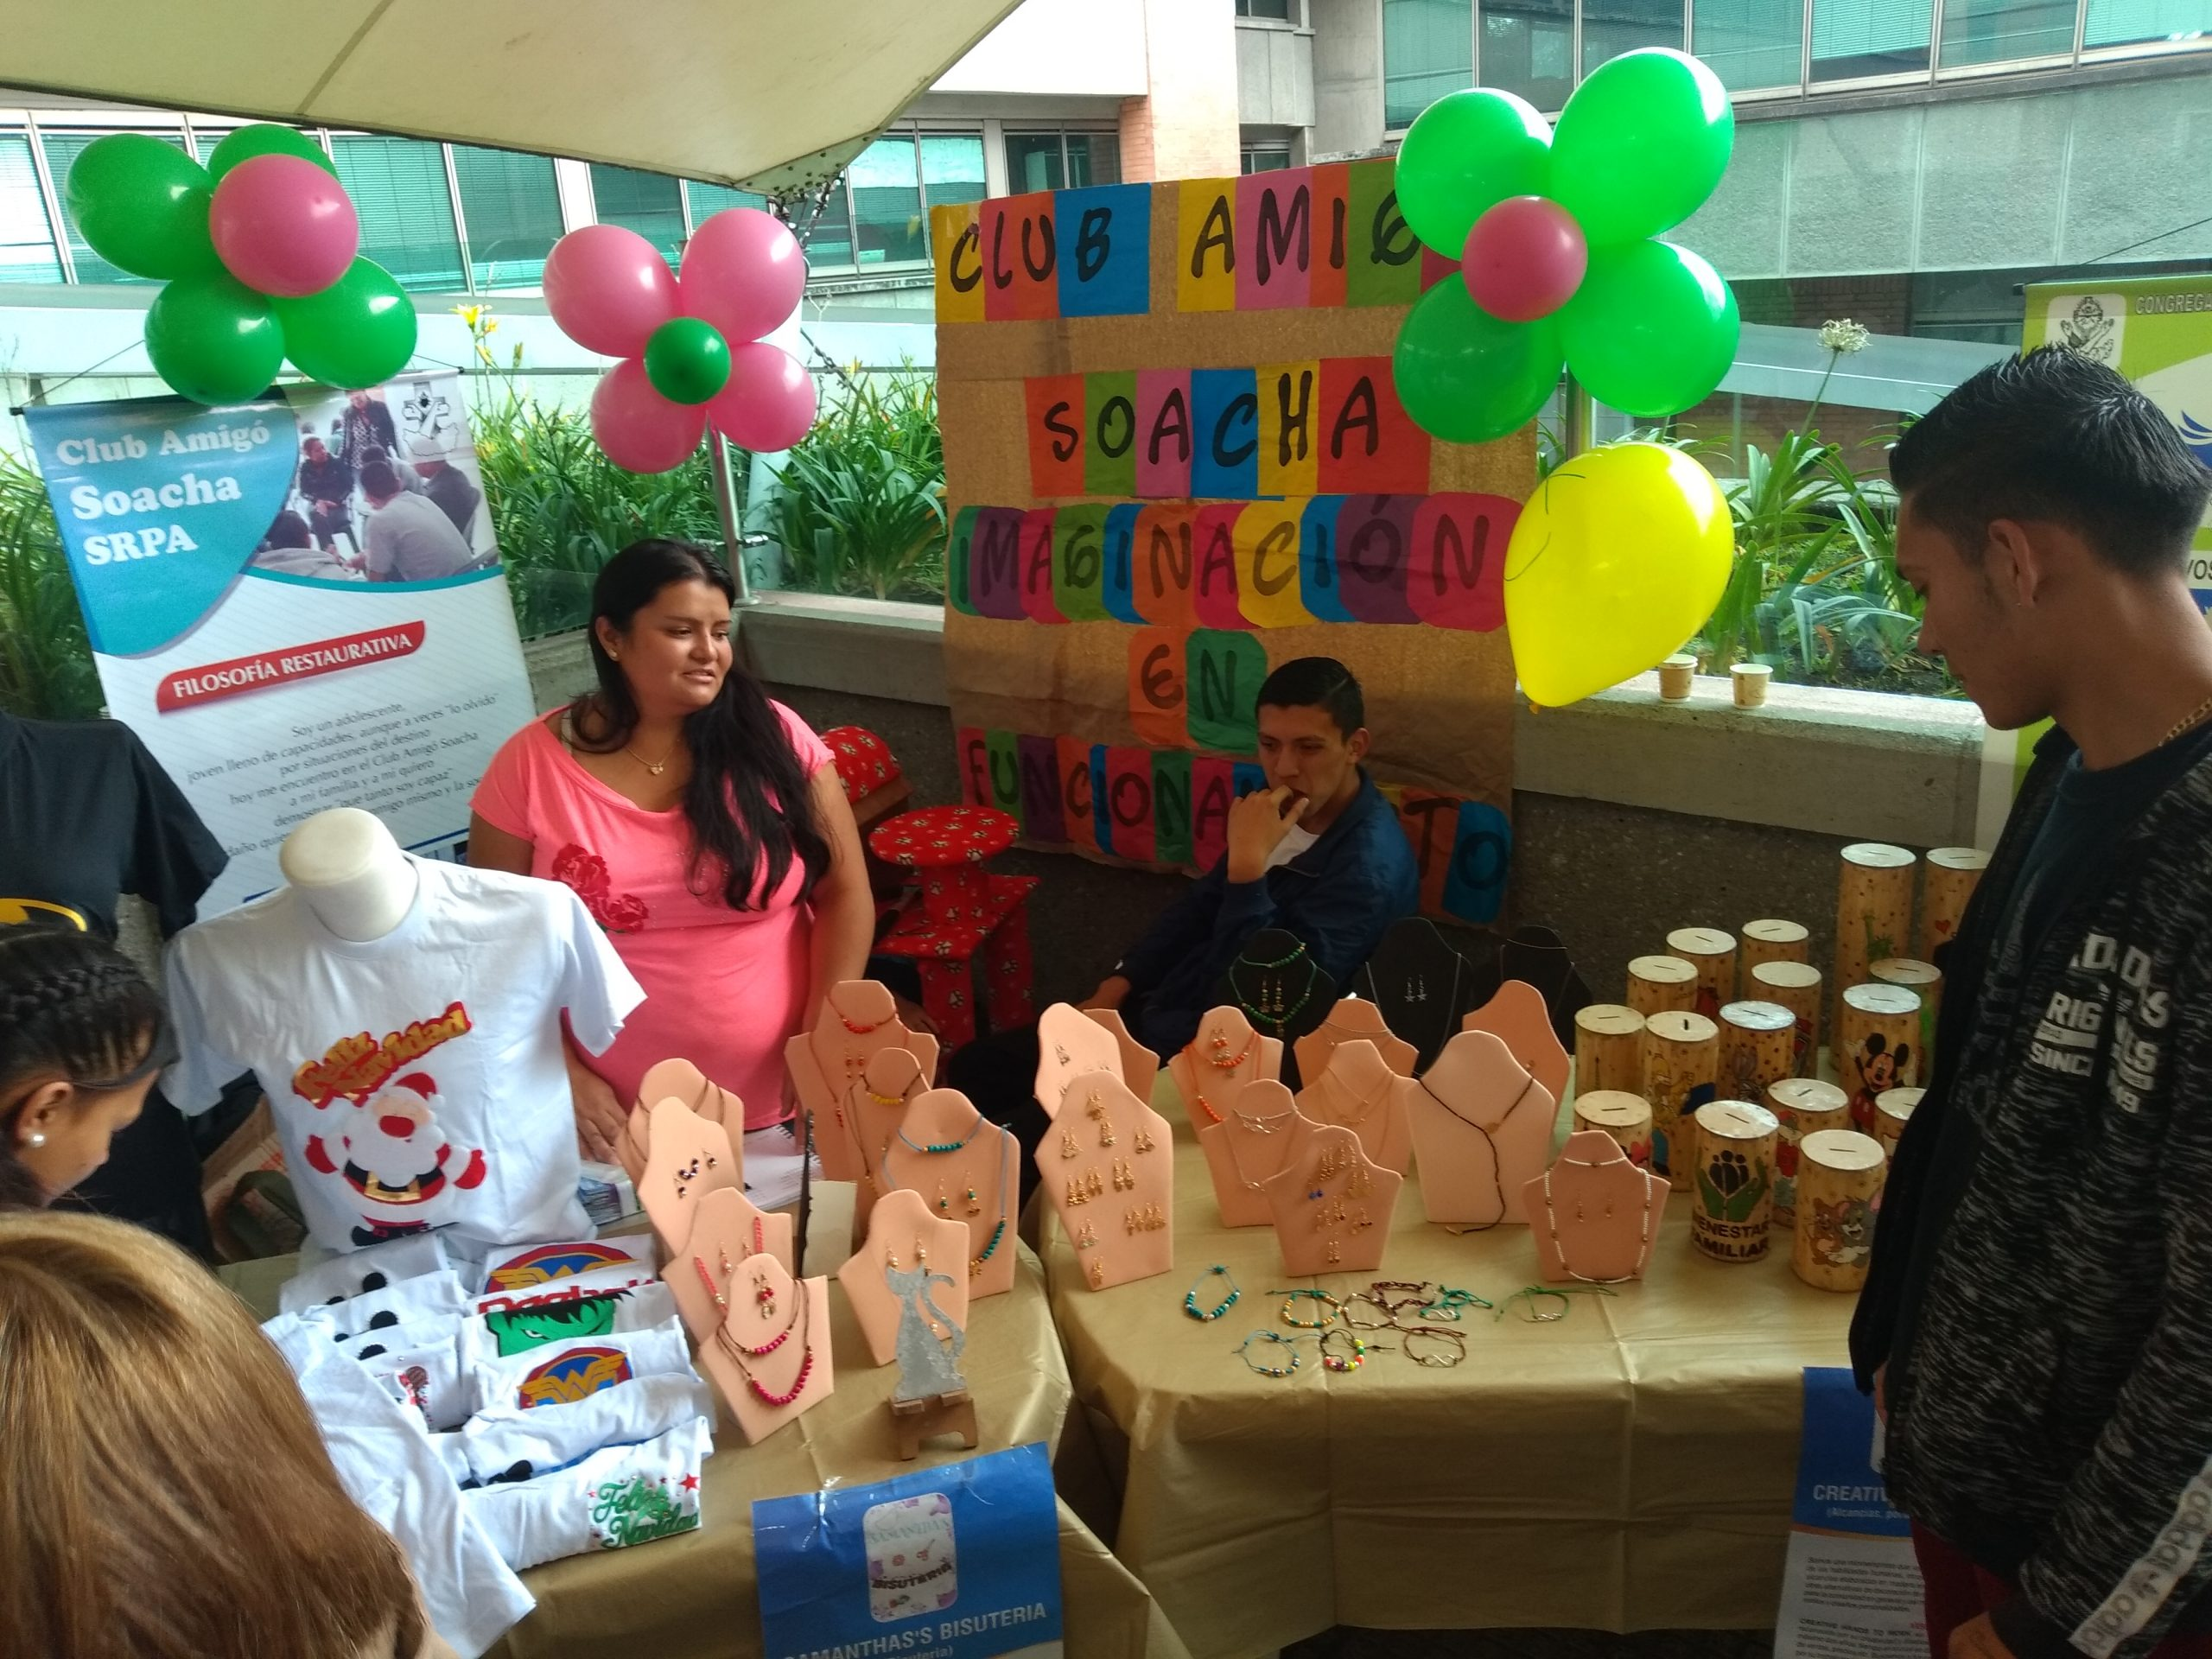 Initiatives activités génératrices de revenus Amérique latine